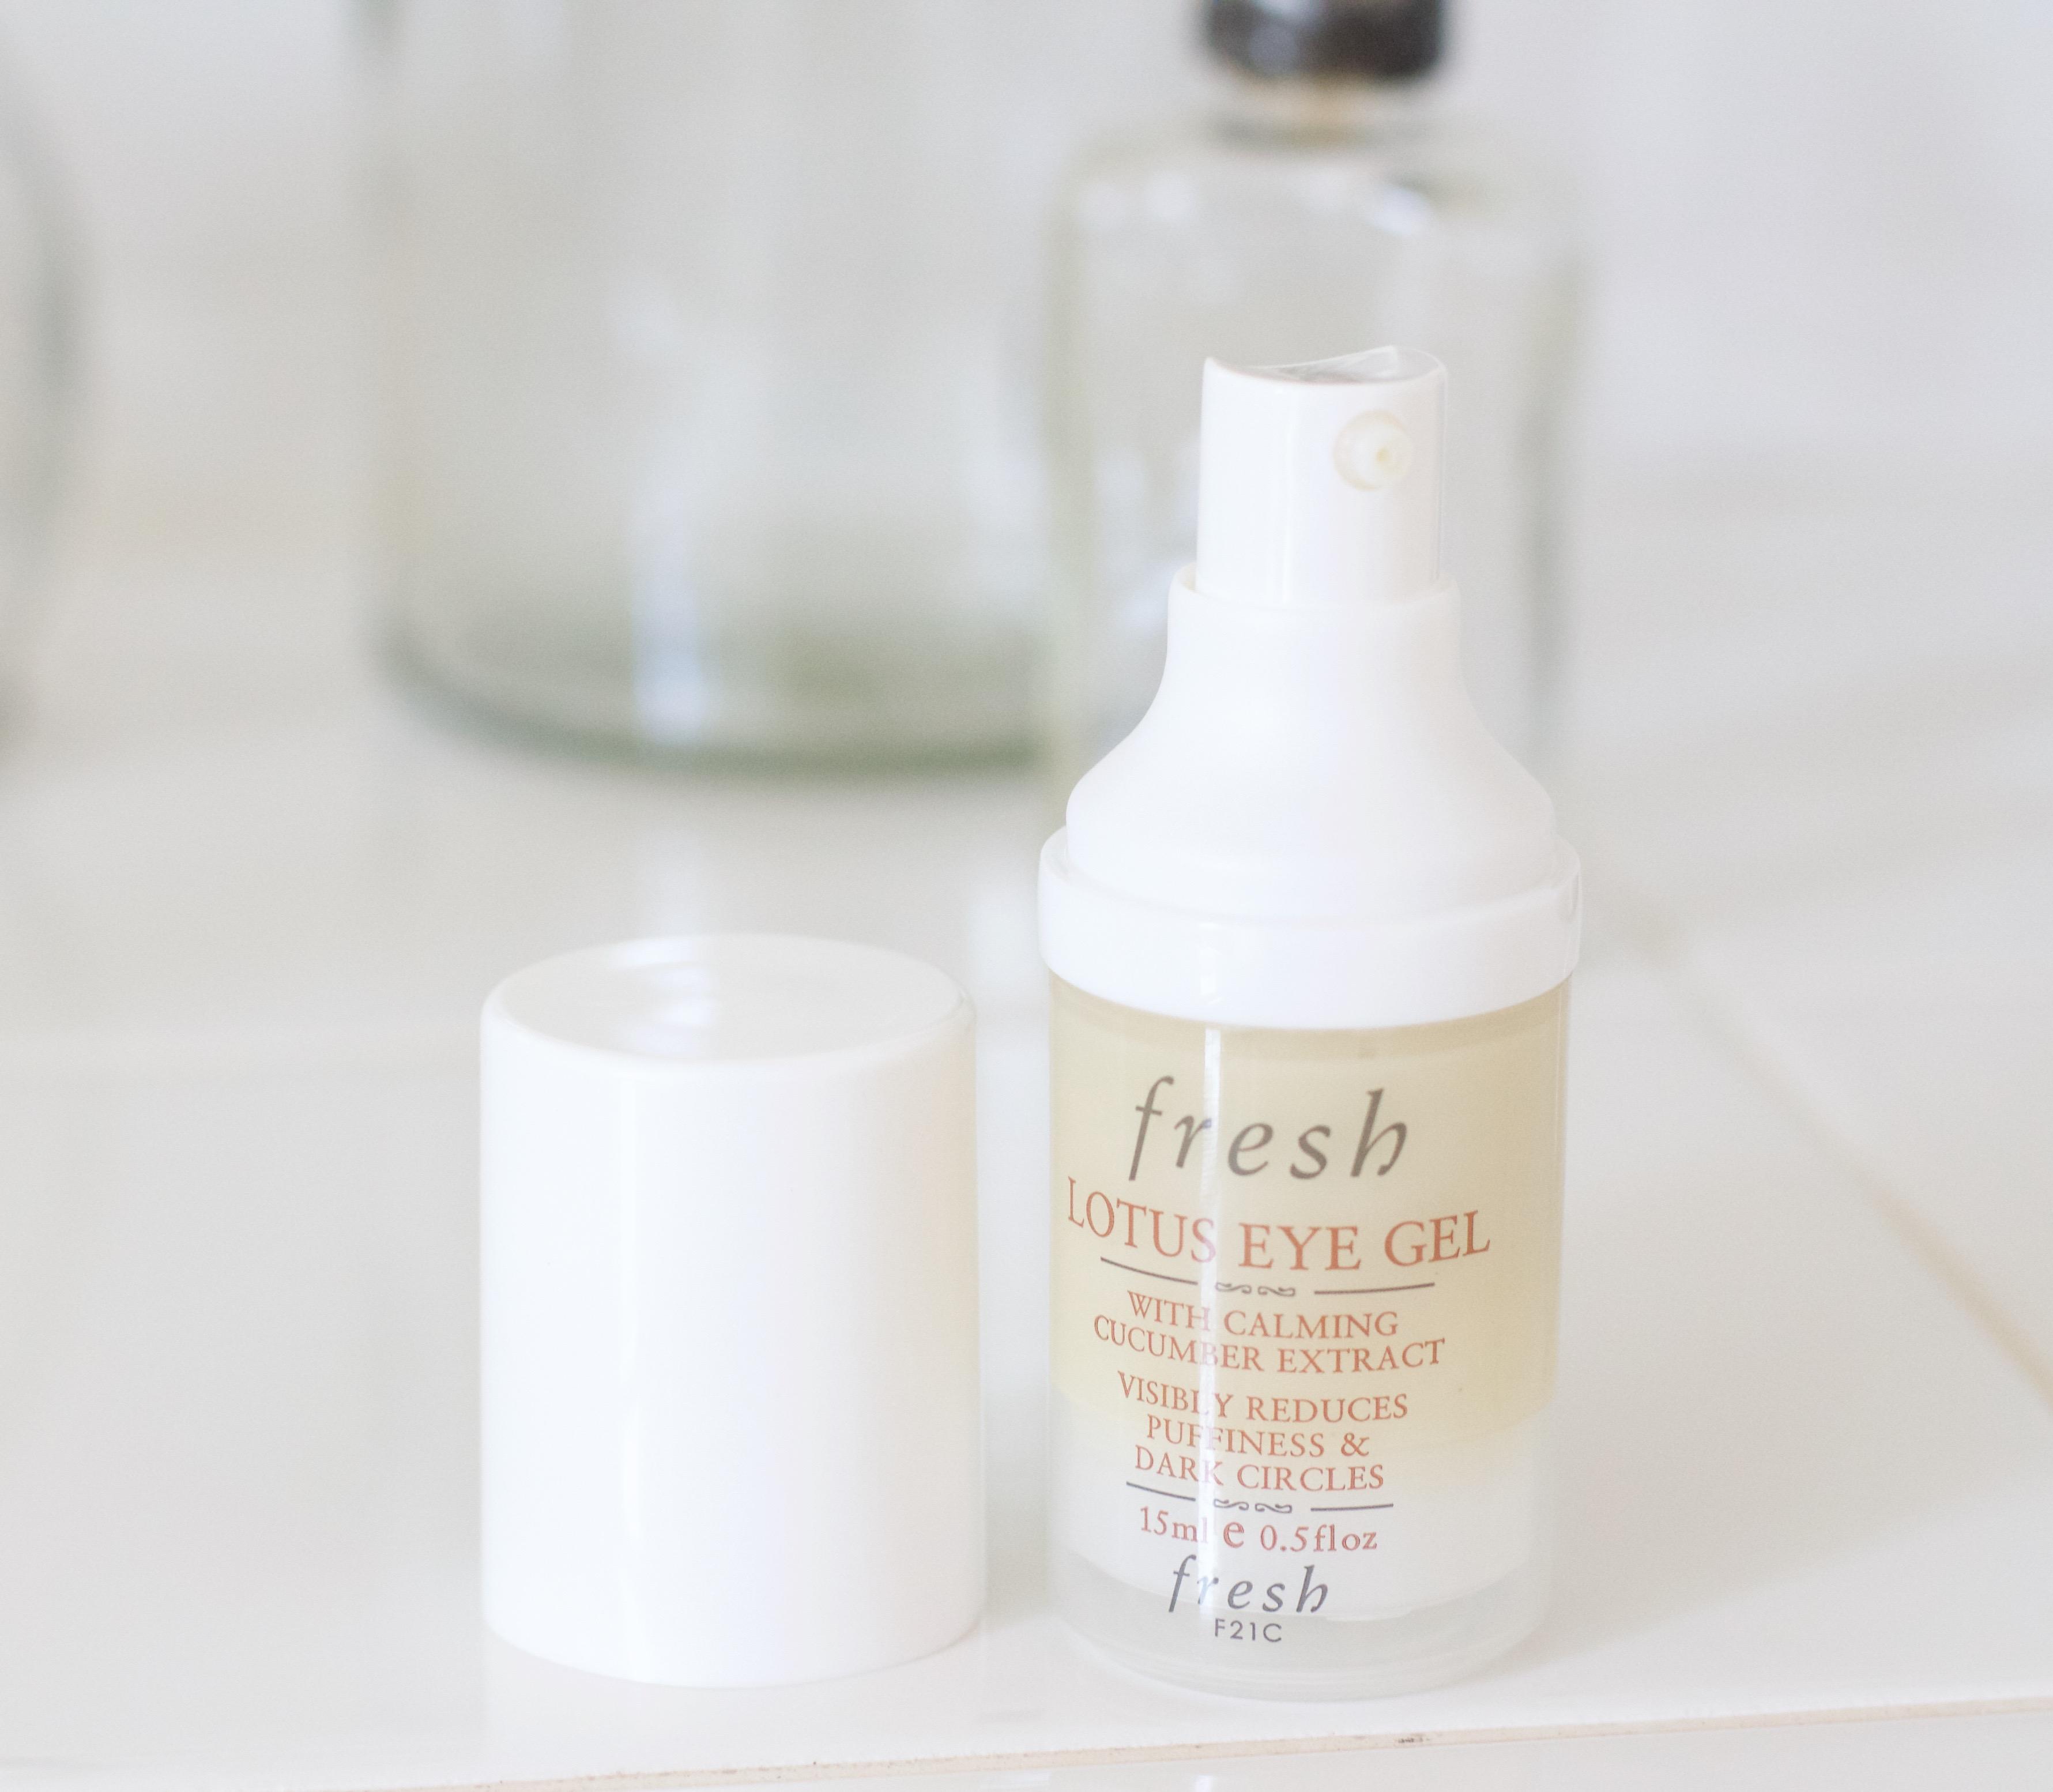 Fresh lotus eye gel review